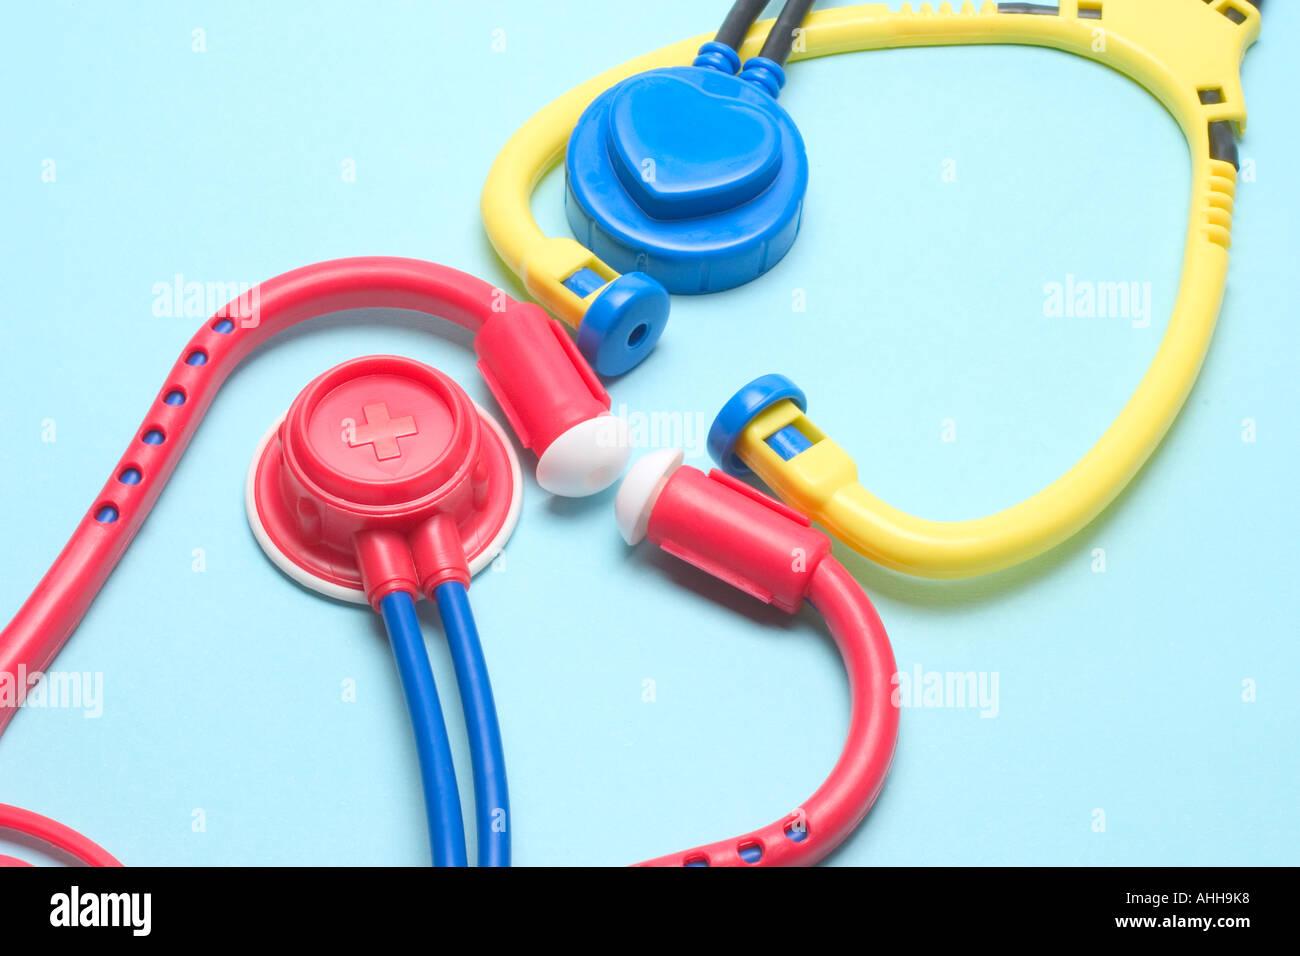 Toy Stethoscopes - Stock Image